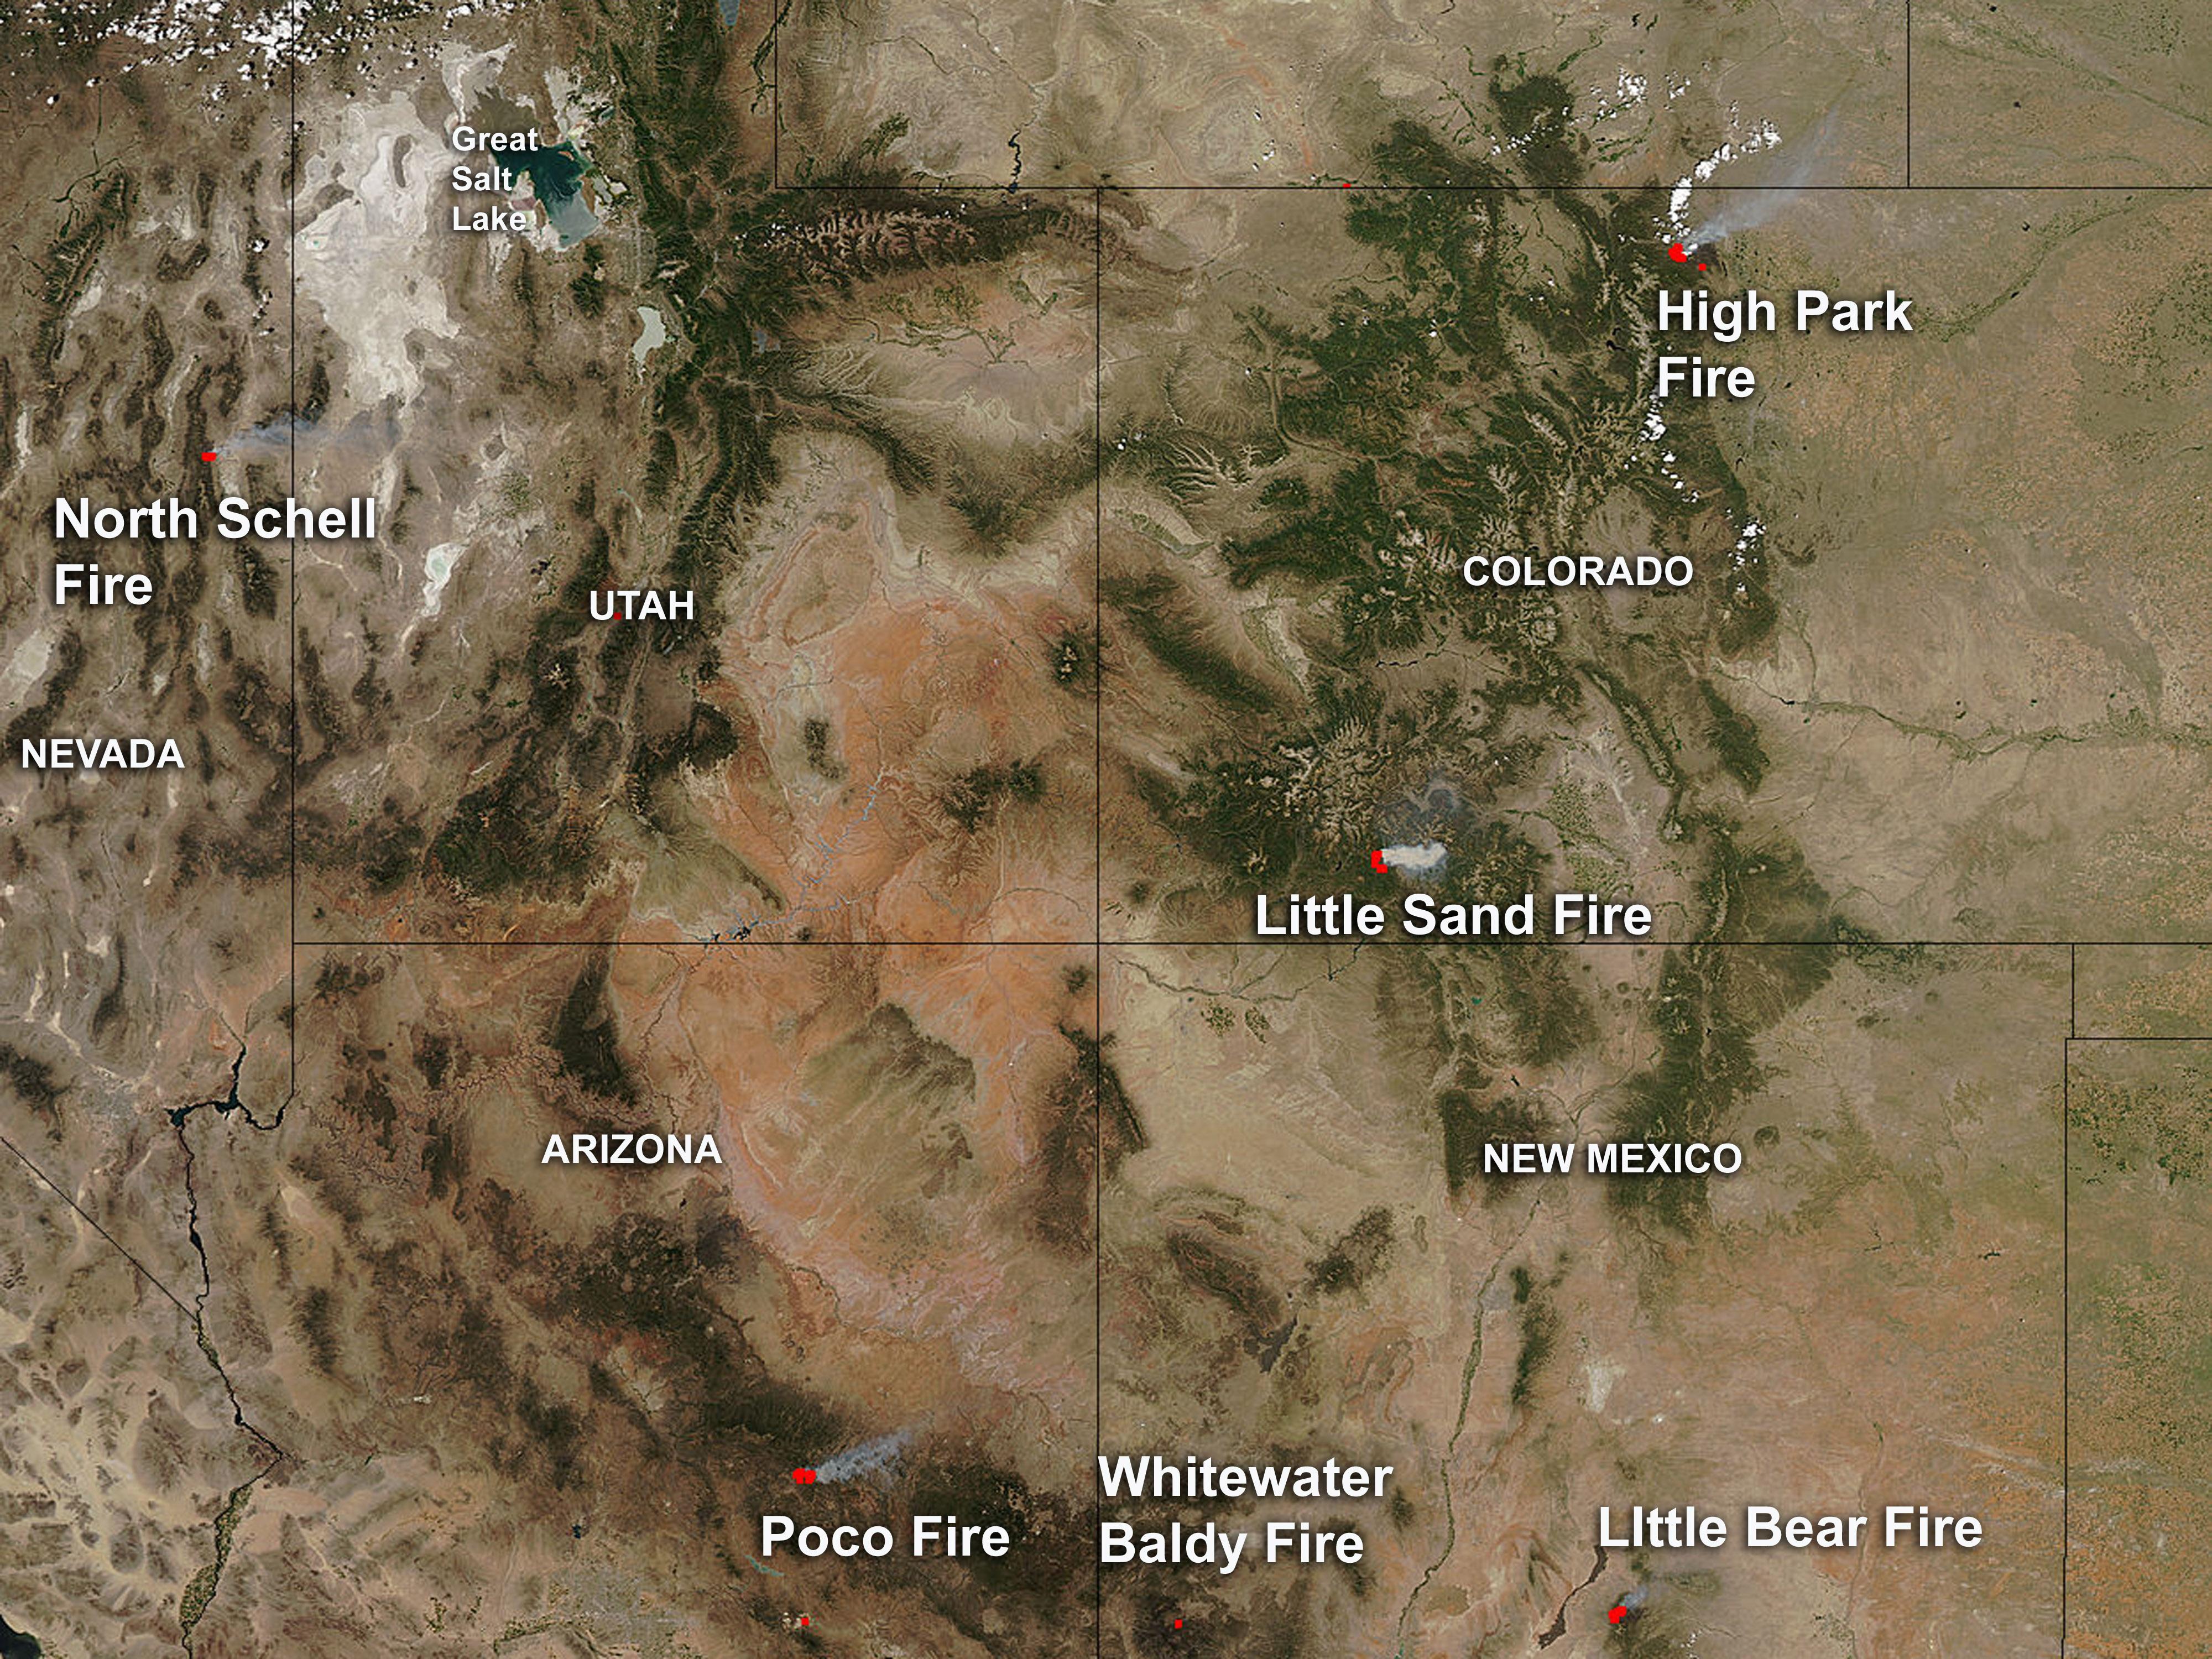 http://www.nasa.gov/images/content/661693main_FIRES-WesternUS_full.jpg